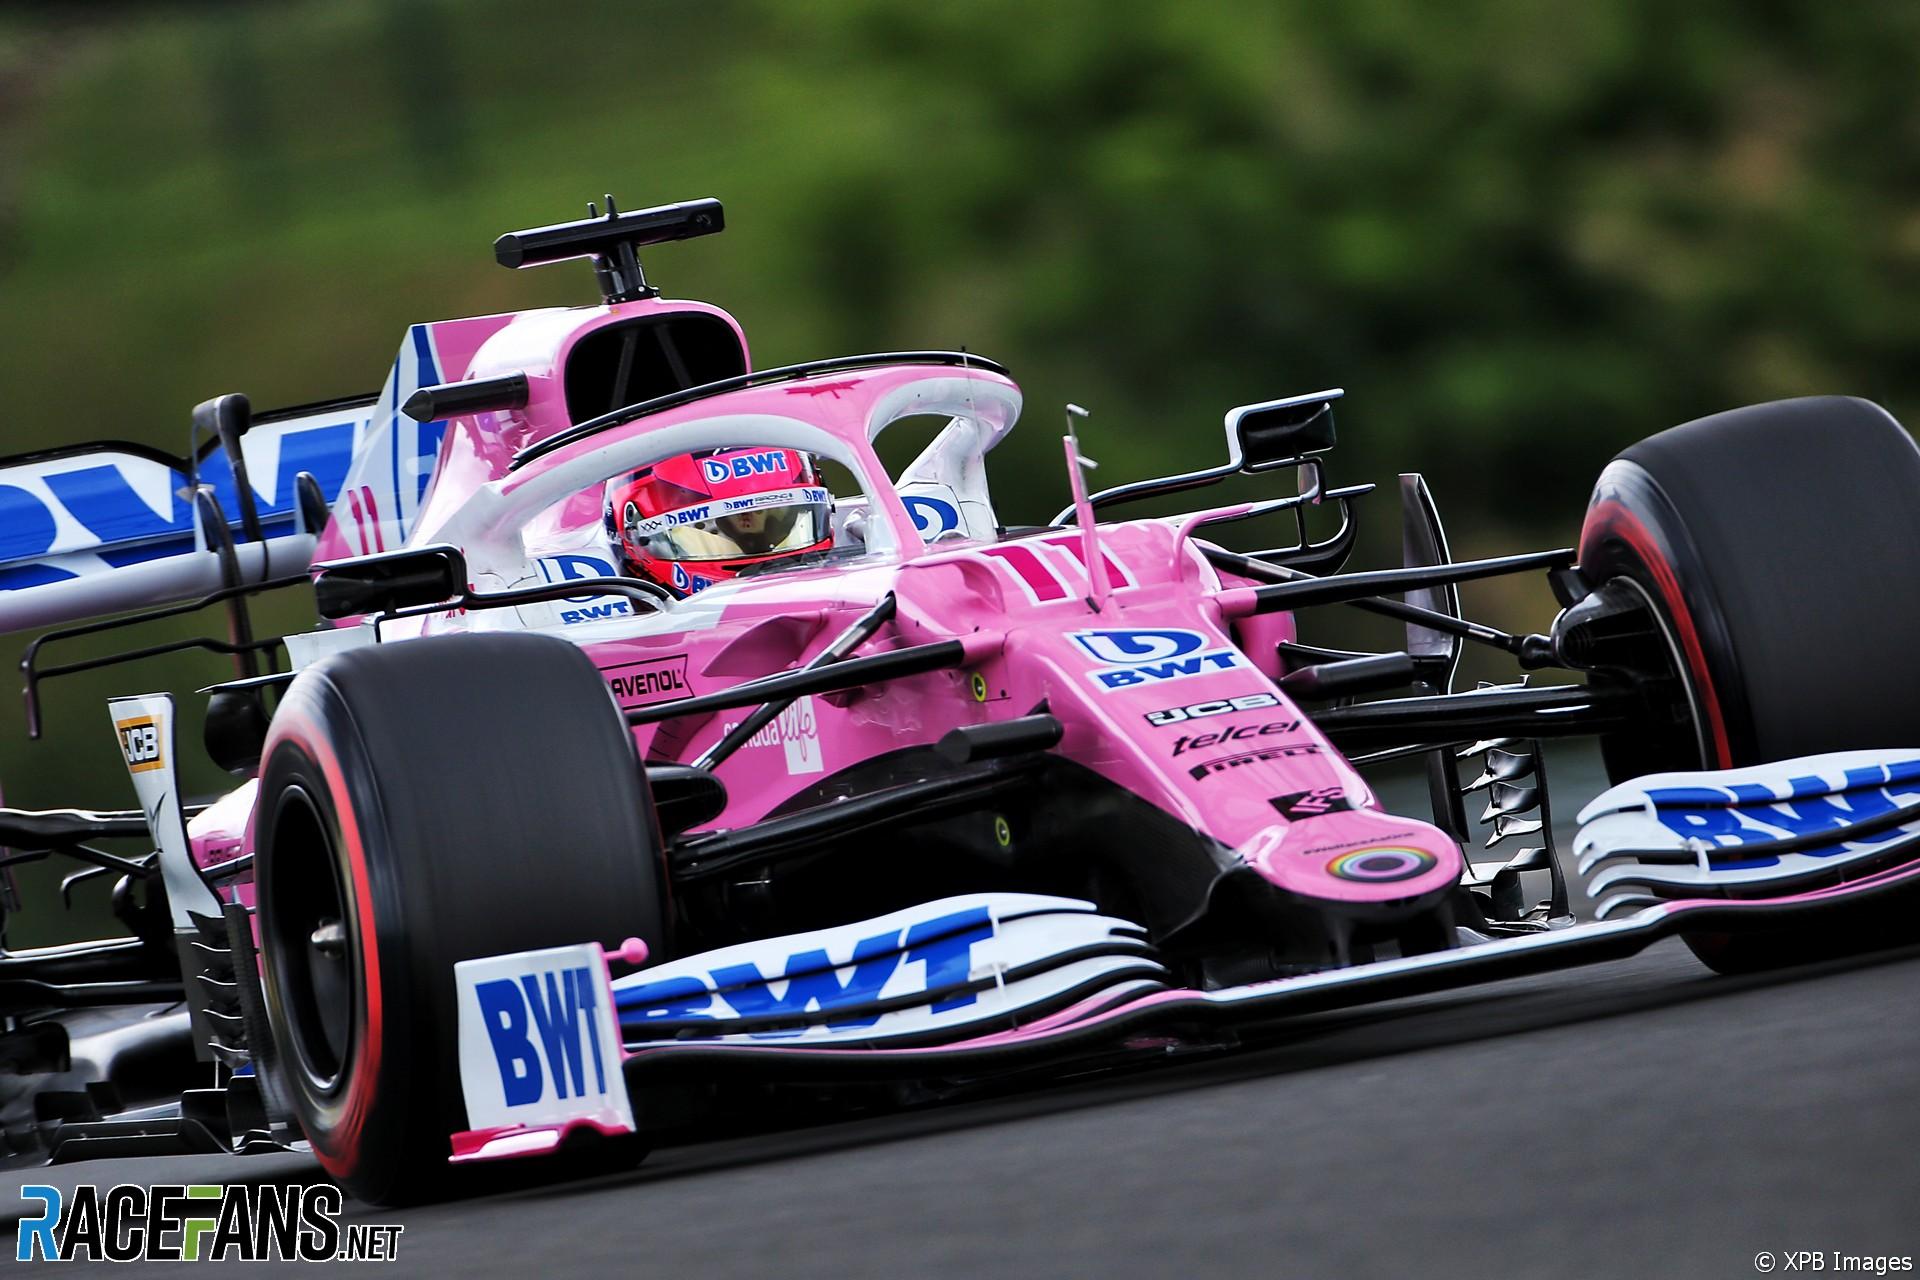 Sergio Perez, Racing Point, Hungaroring, 2020